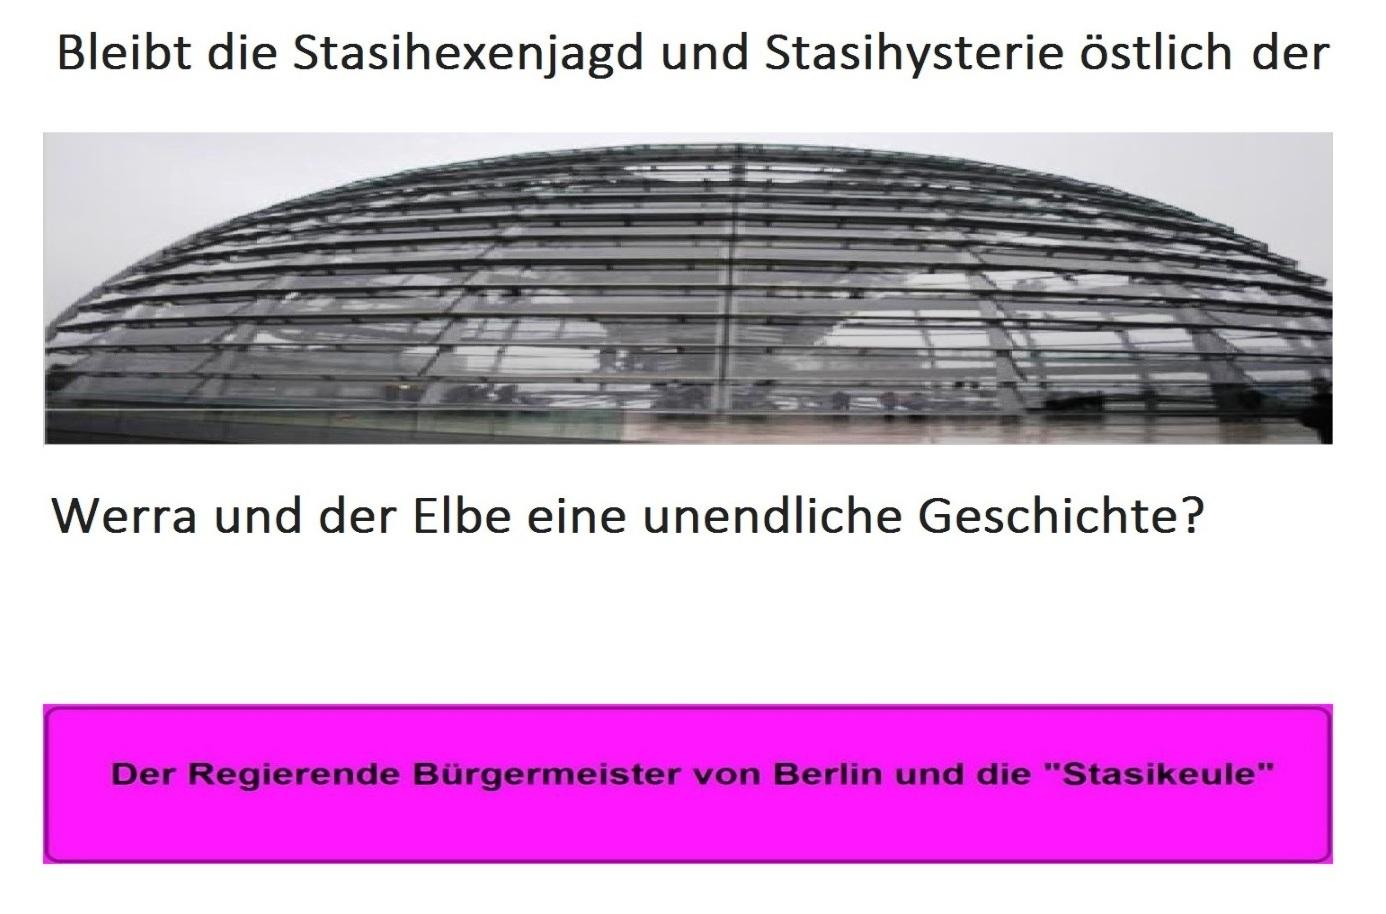 Stasihexenjagd östlich der Elbe und der Werra noch immer eine unendliche Geschichte - Der Regierende Bürgermeister von Berlin Michael Müller und die Stasikeule - Aufgebauschte Stasi-Vorwürfe dienten wohl nur  als Vorwand für die Entlassung von Staatssekretär Dr. Andrej Holm - Mehr dazu auf Ostsee-Rundschau.de